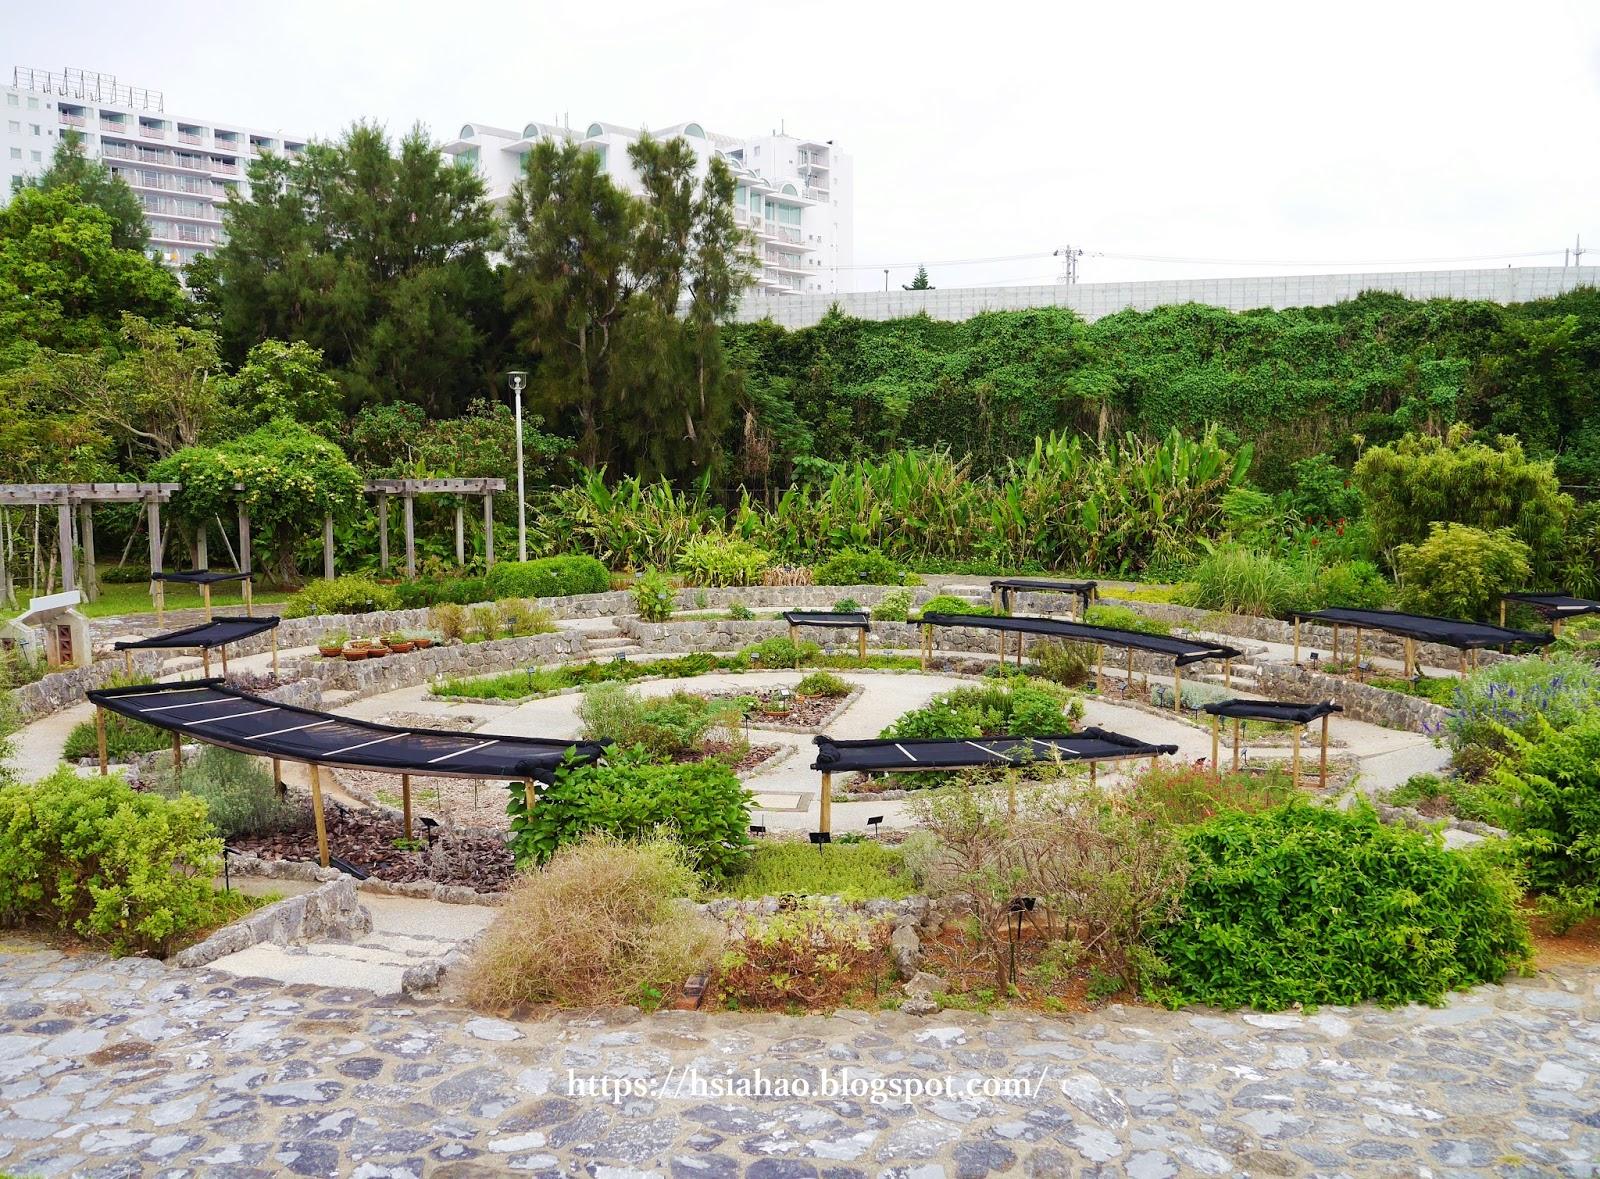 沖繩-海洋博公園-熱帶亞熱帶都市綠化植物園-海洋博公園景點-自由行-旅遊-旅行-okinawa-ocean-expo-park